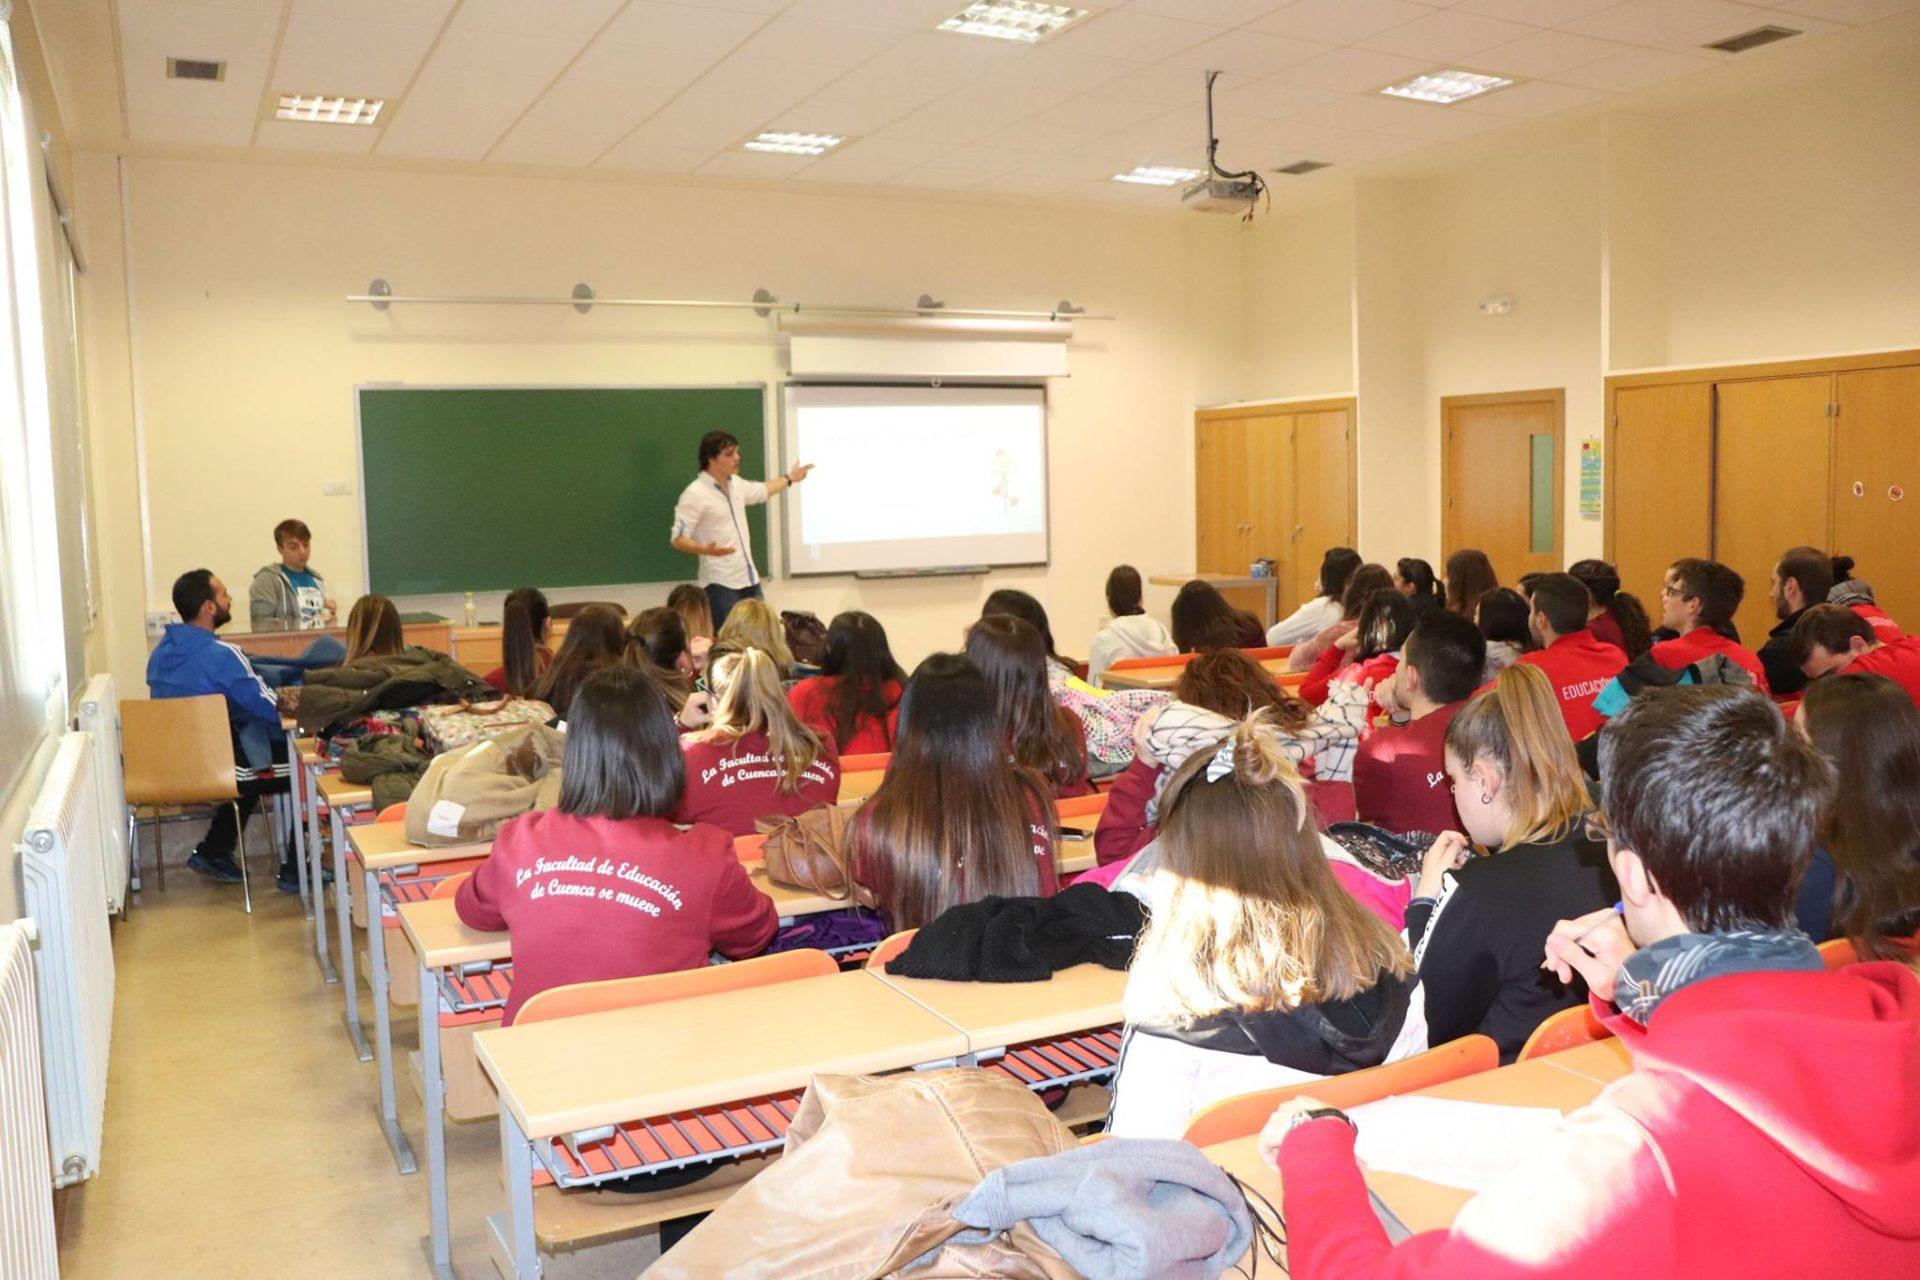 Recuerda: este miércoles 12 de junio se celebra la Jornada de Apoyo al recién graduado de Magisterio en la Facultad de Educación de Cuenca